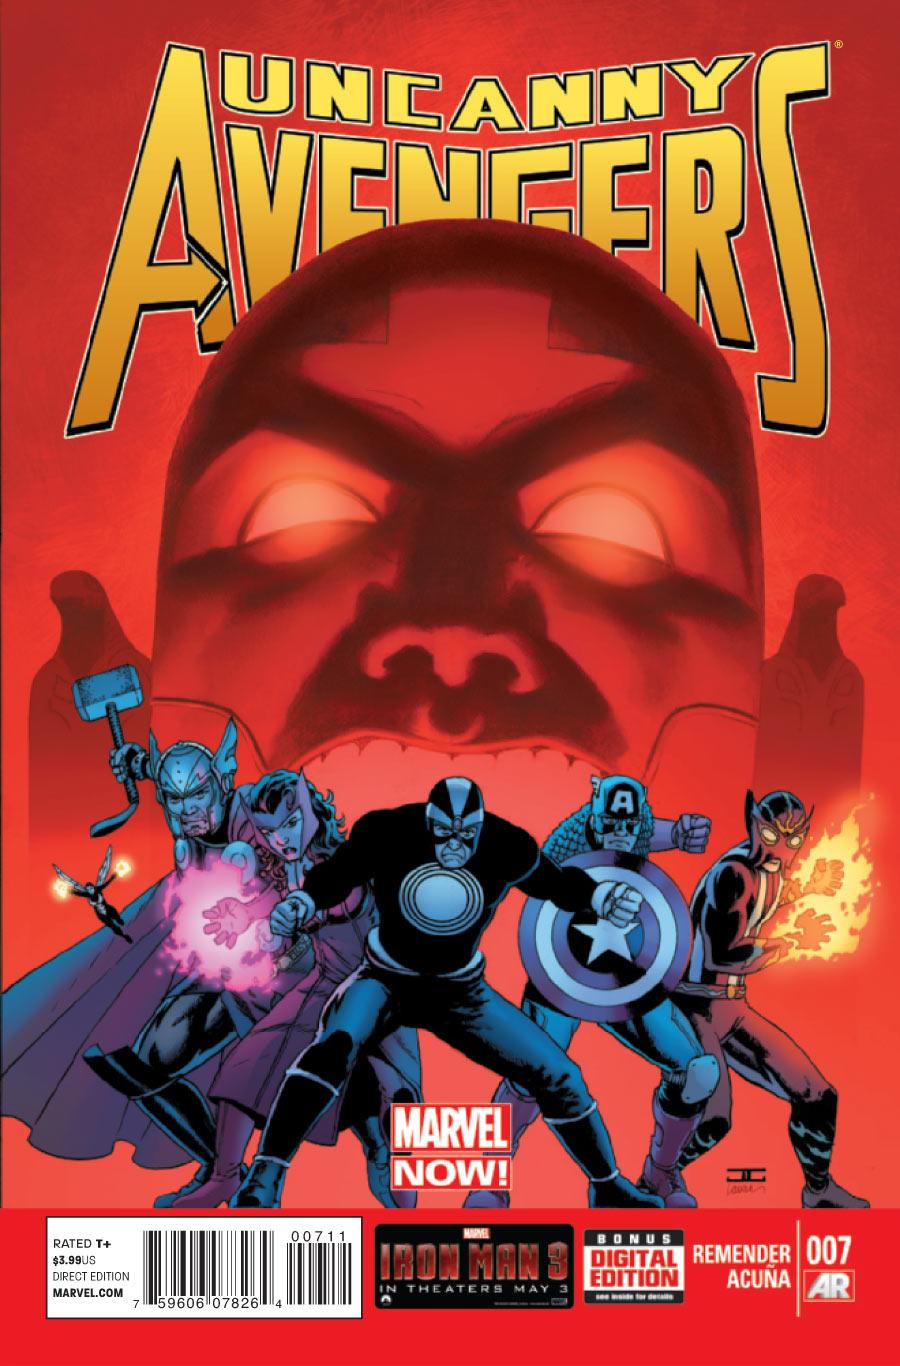 Marvel's Uncanny Avengers #7